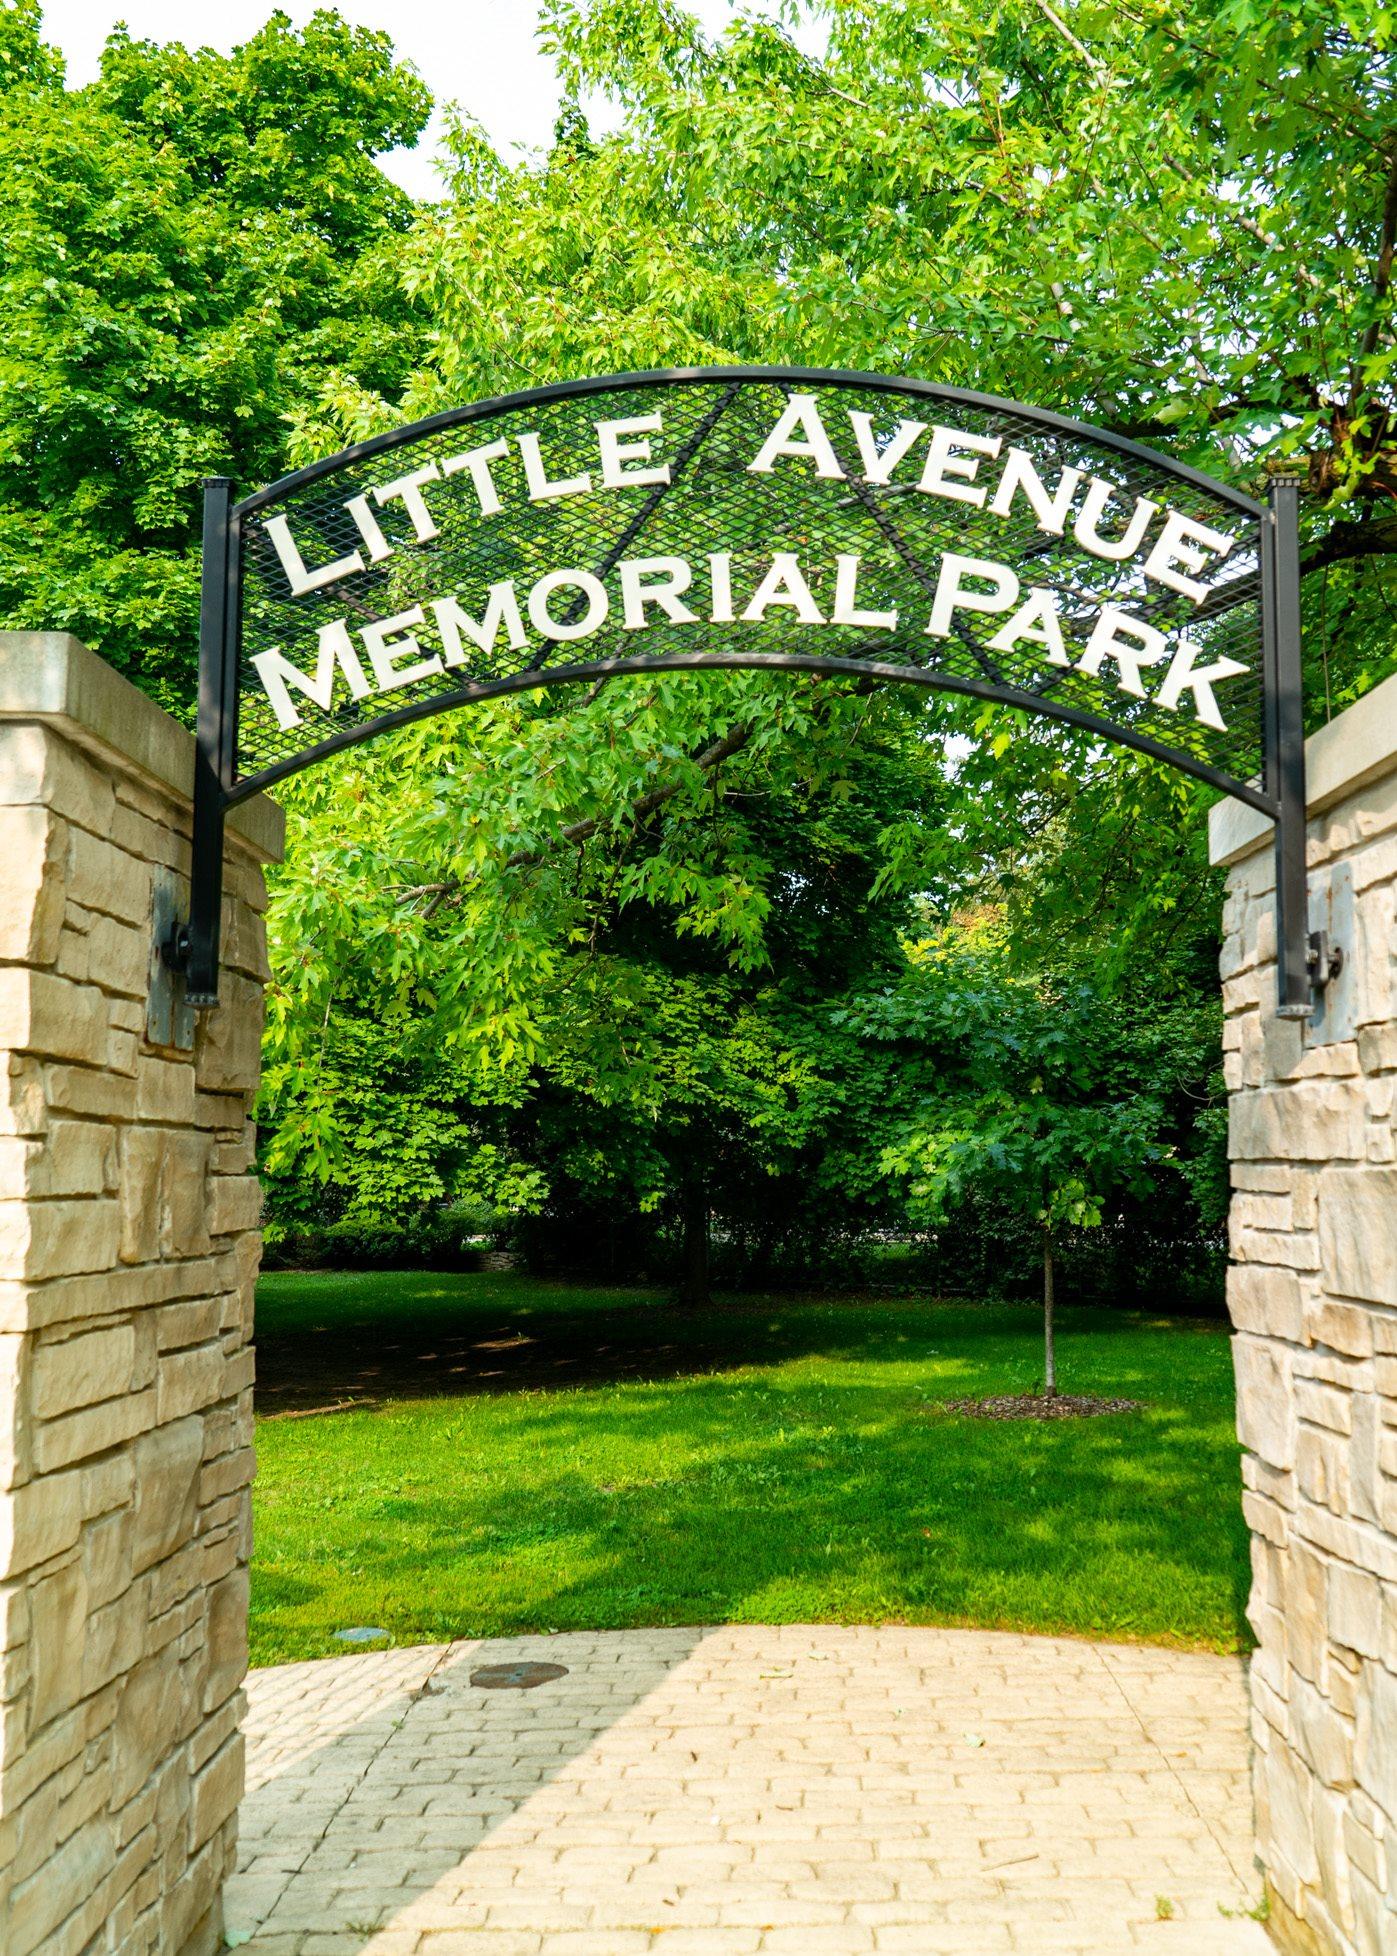 Little Avenue Memorial Park